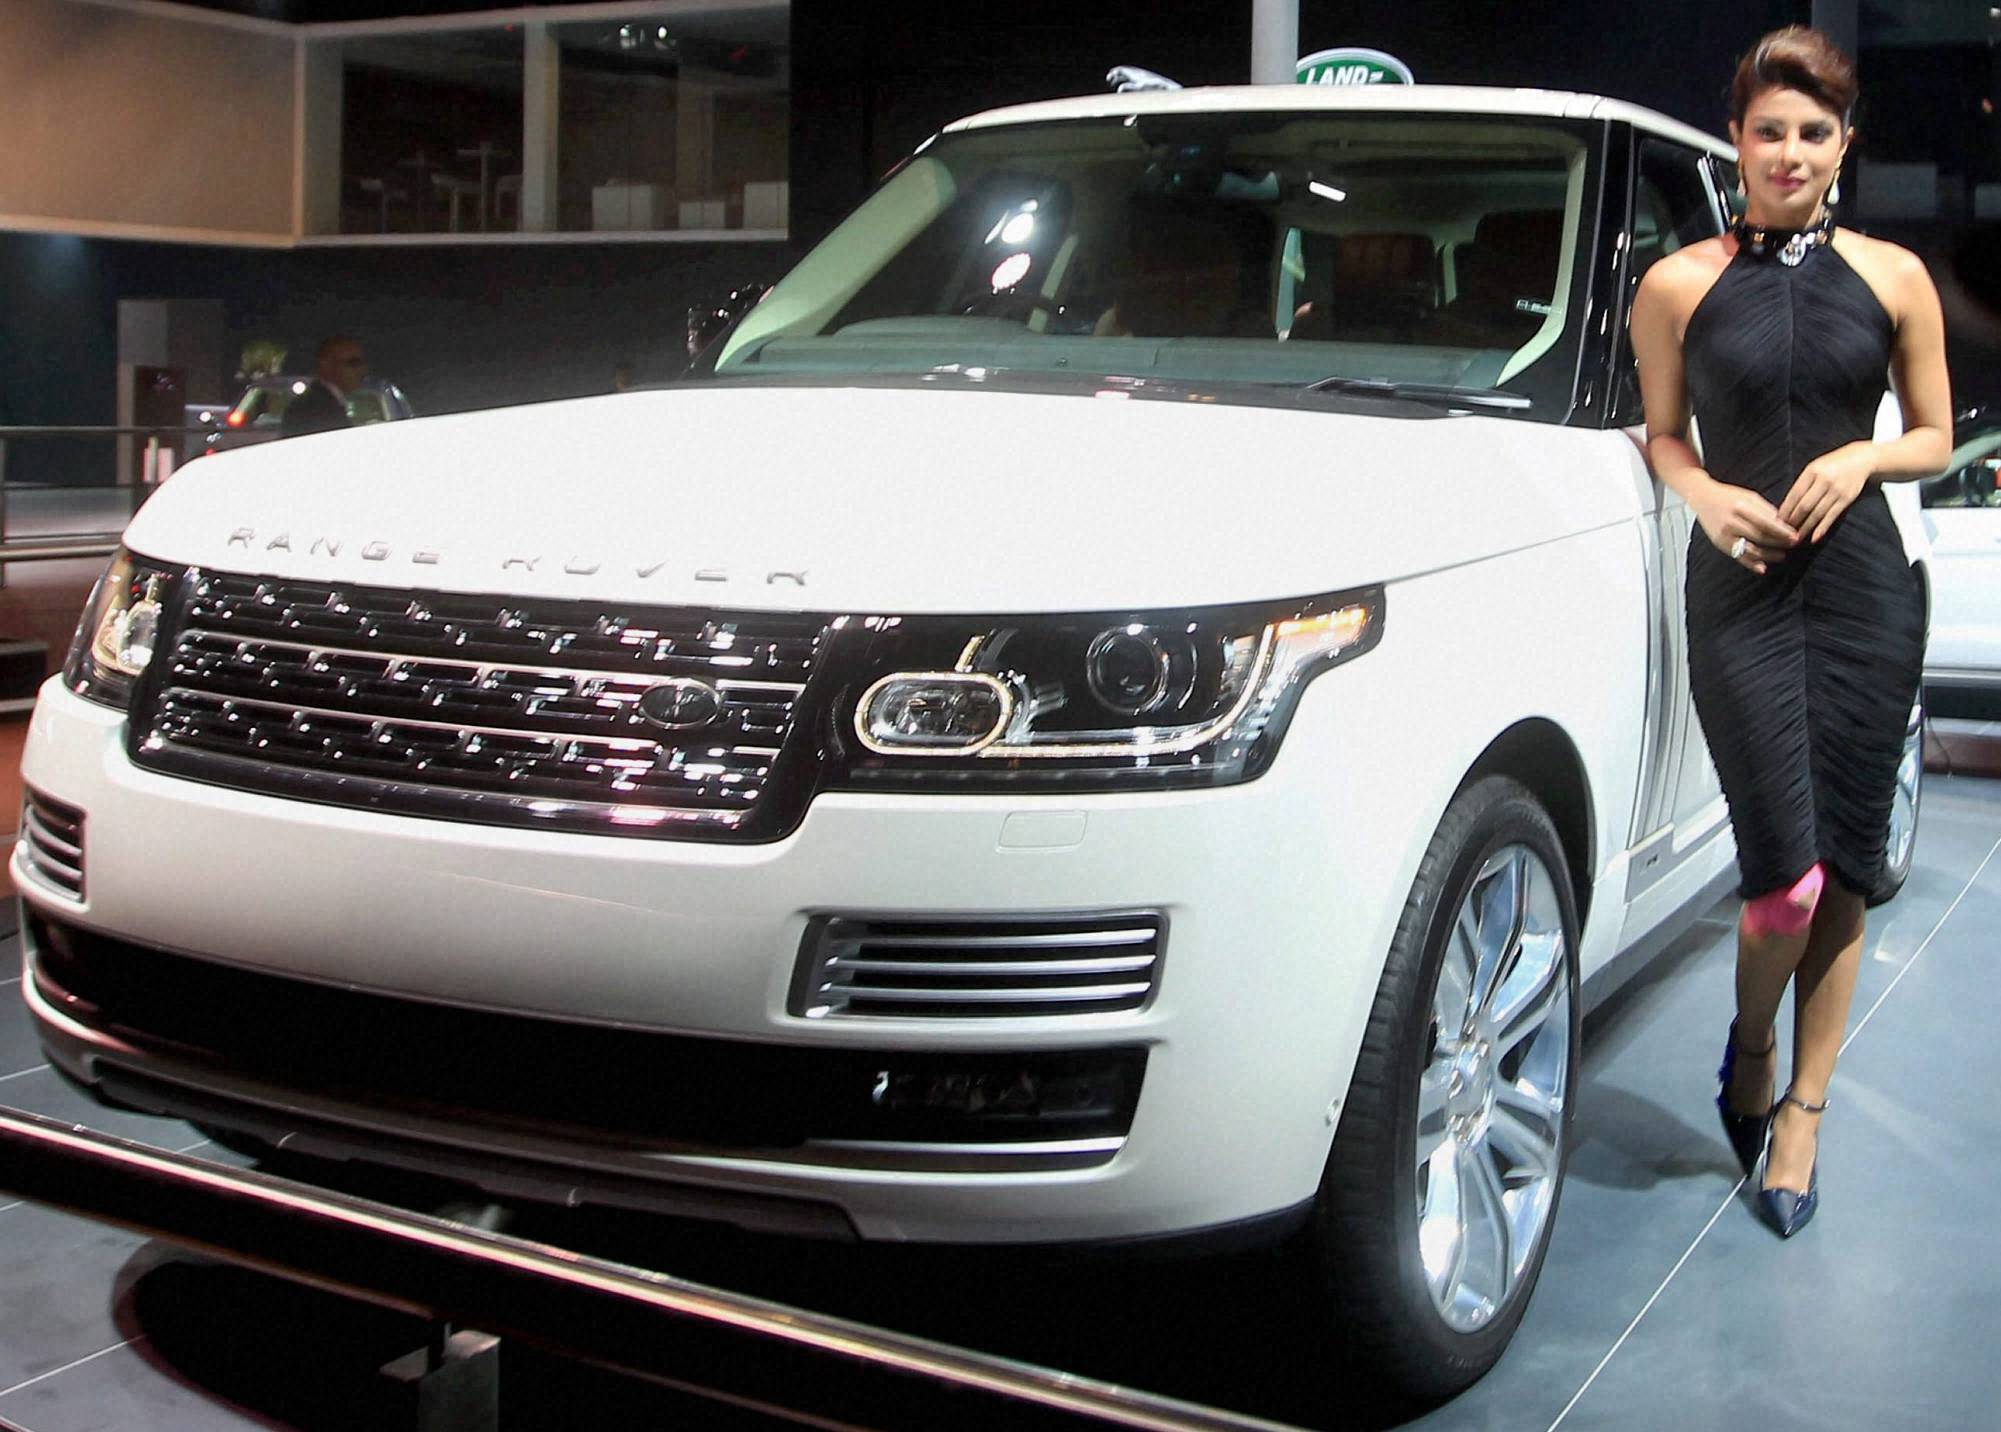 Priyanka_car_range_rover